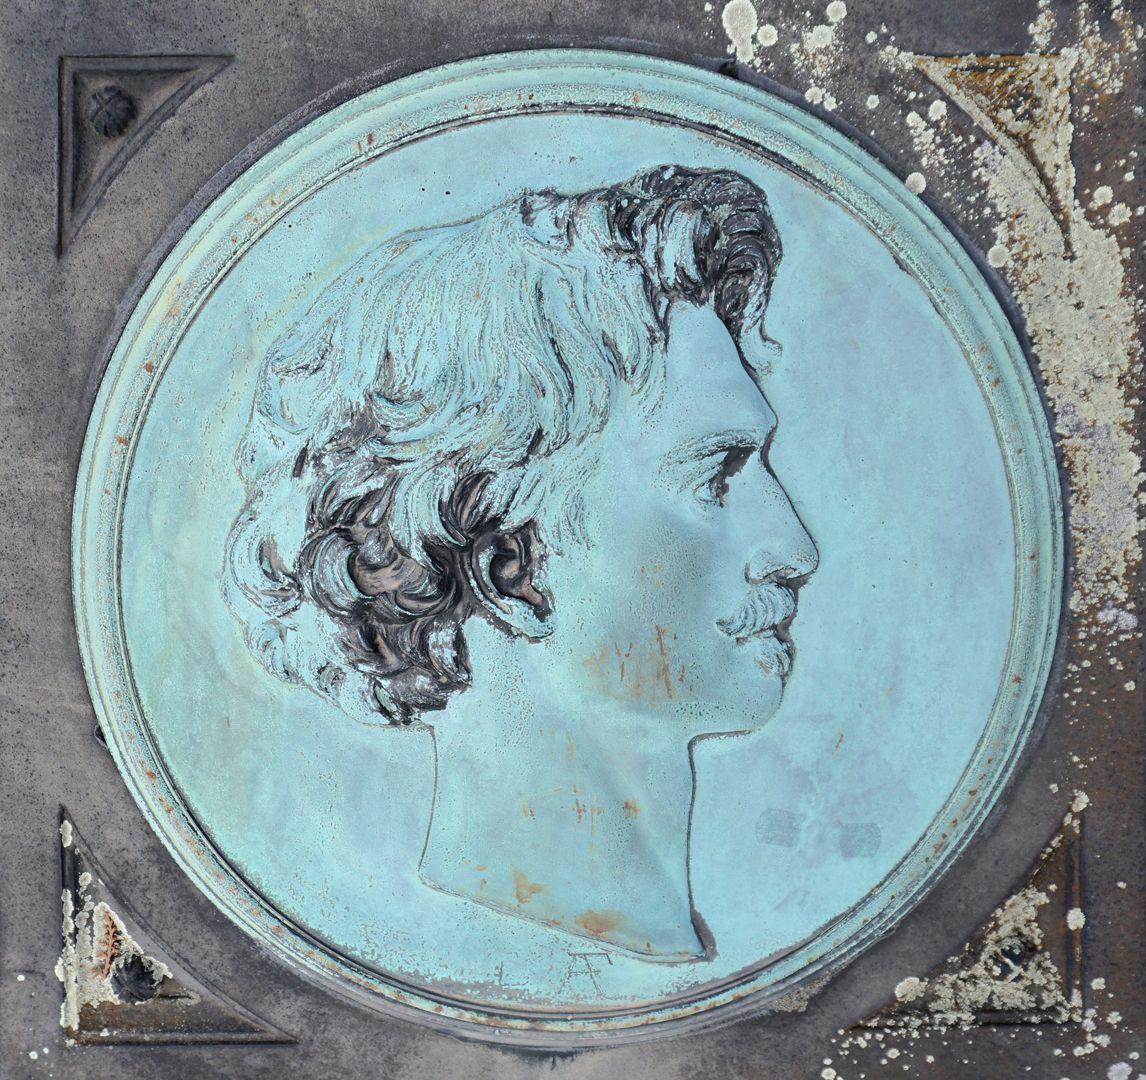 Anselm Feuerbach Grabstätte Portrait des Künstlers nach seinem Selbstbildnis von 1875 (Staatsgalerie Stuttgart)